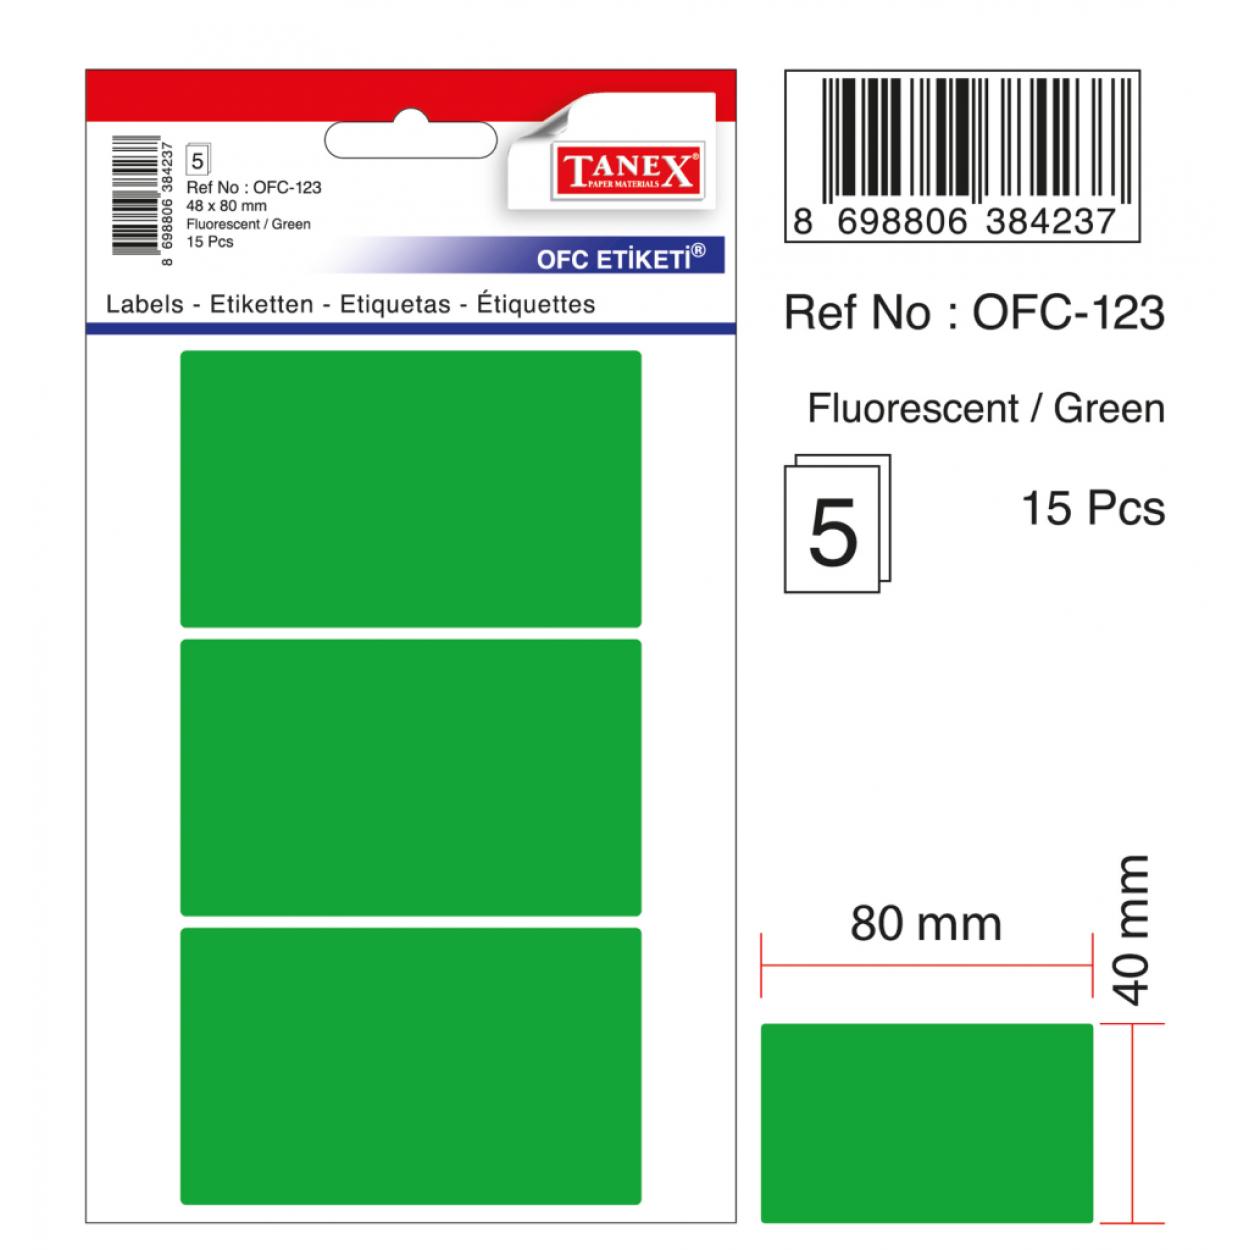 Tanex Ofc-123 Flo Yeşil Ofis Etiketi